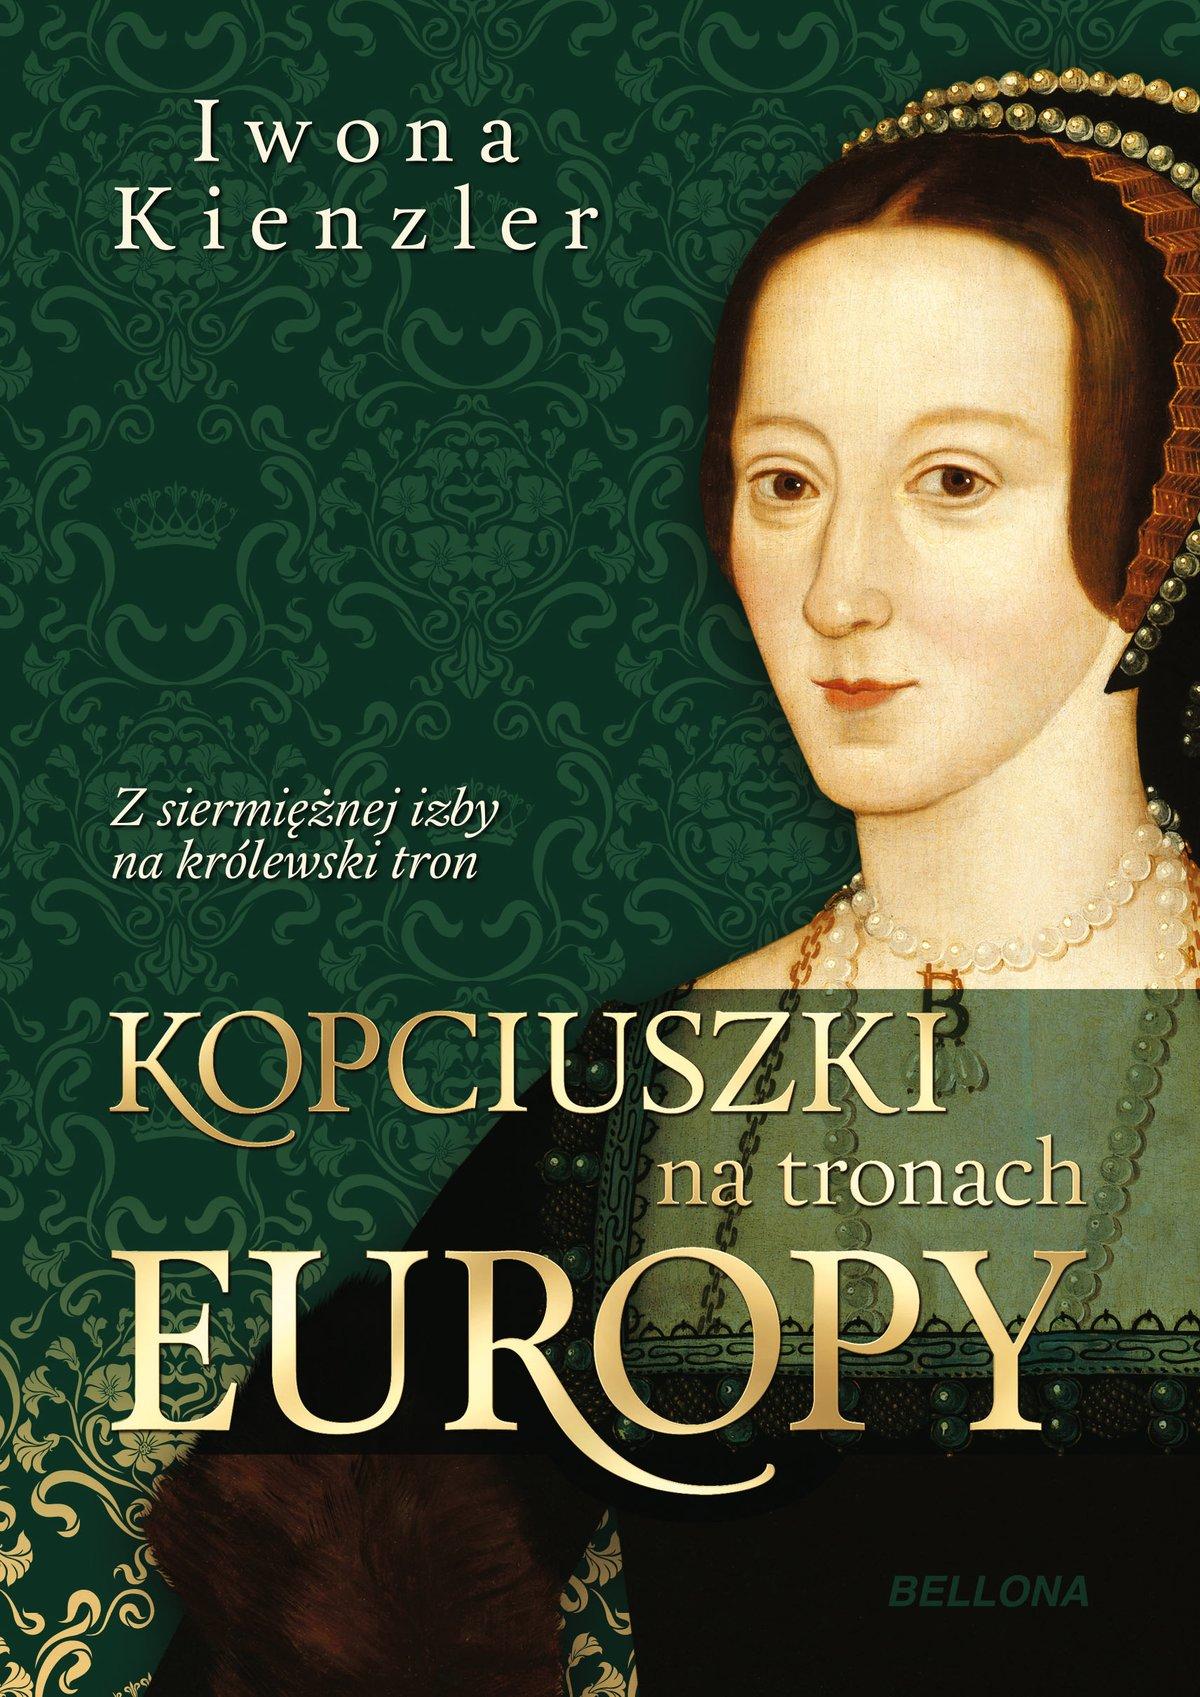 Kopciuszki na tronach Europy - Ebook (Książka EPUB) do pobrania w formacie EPUB